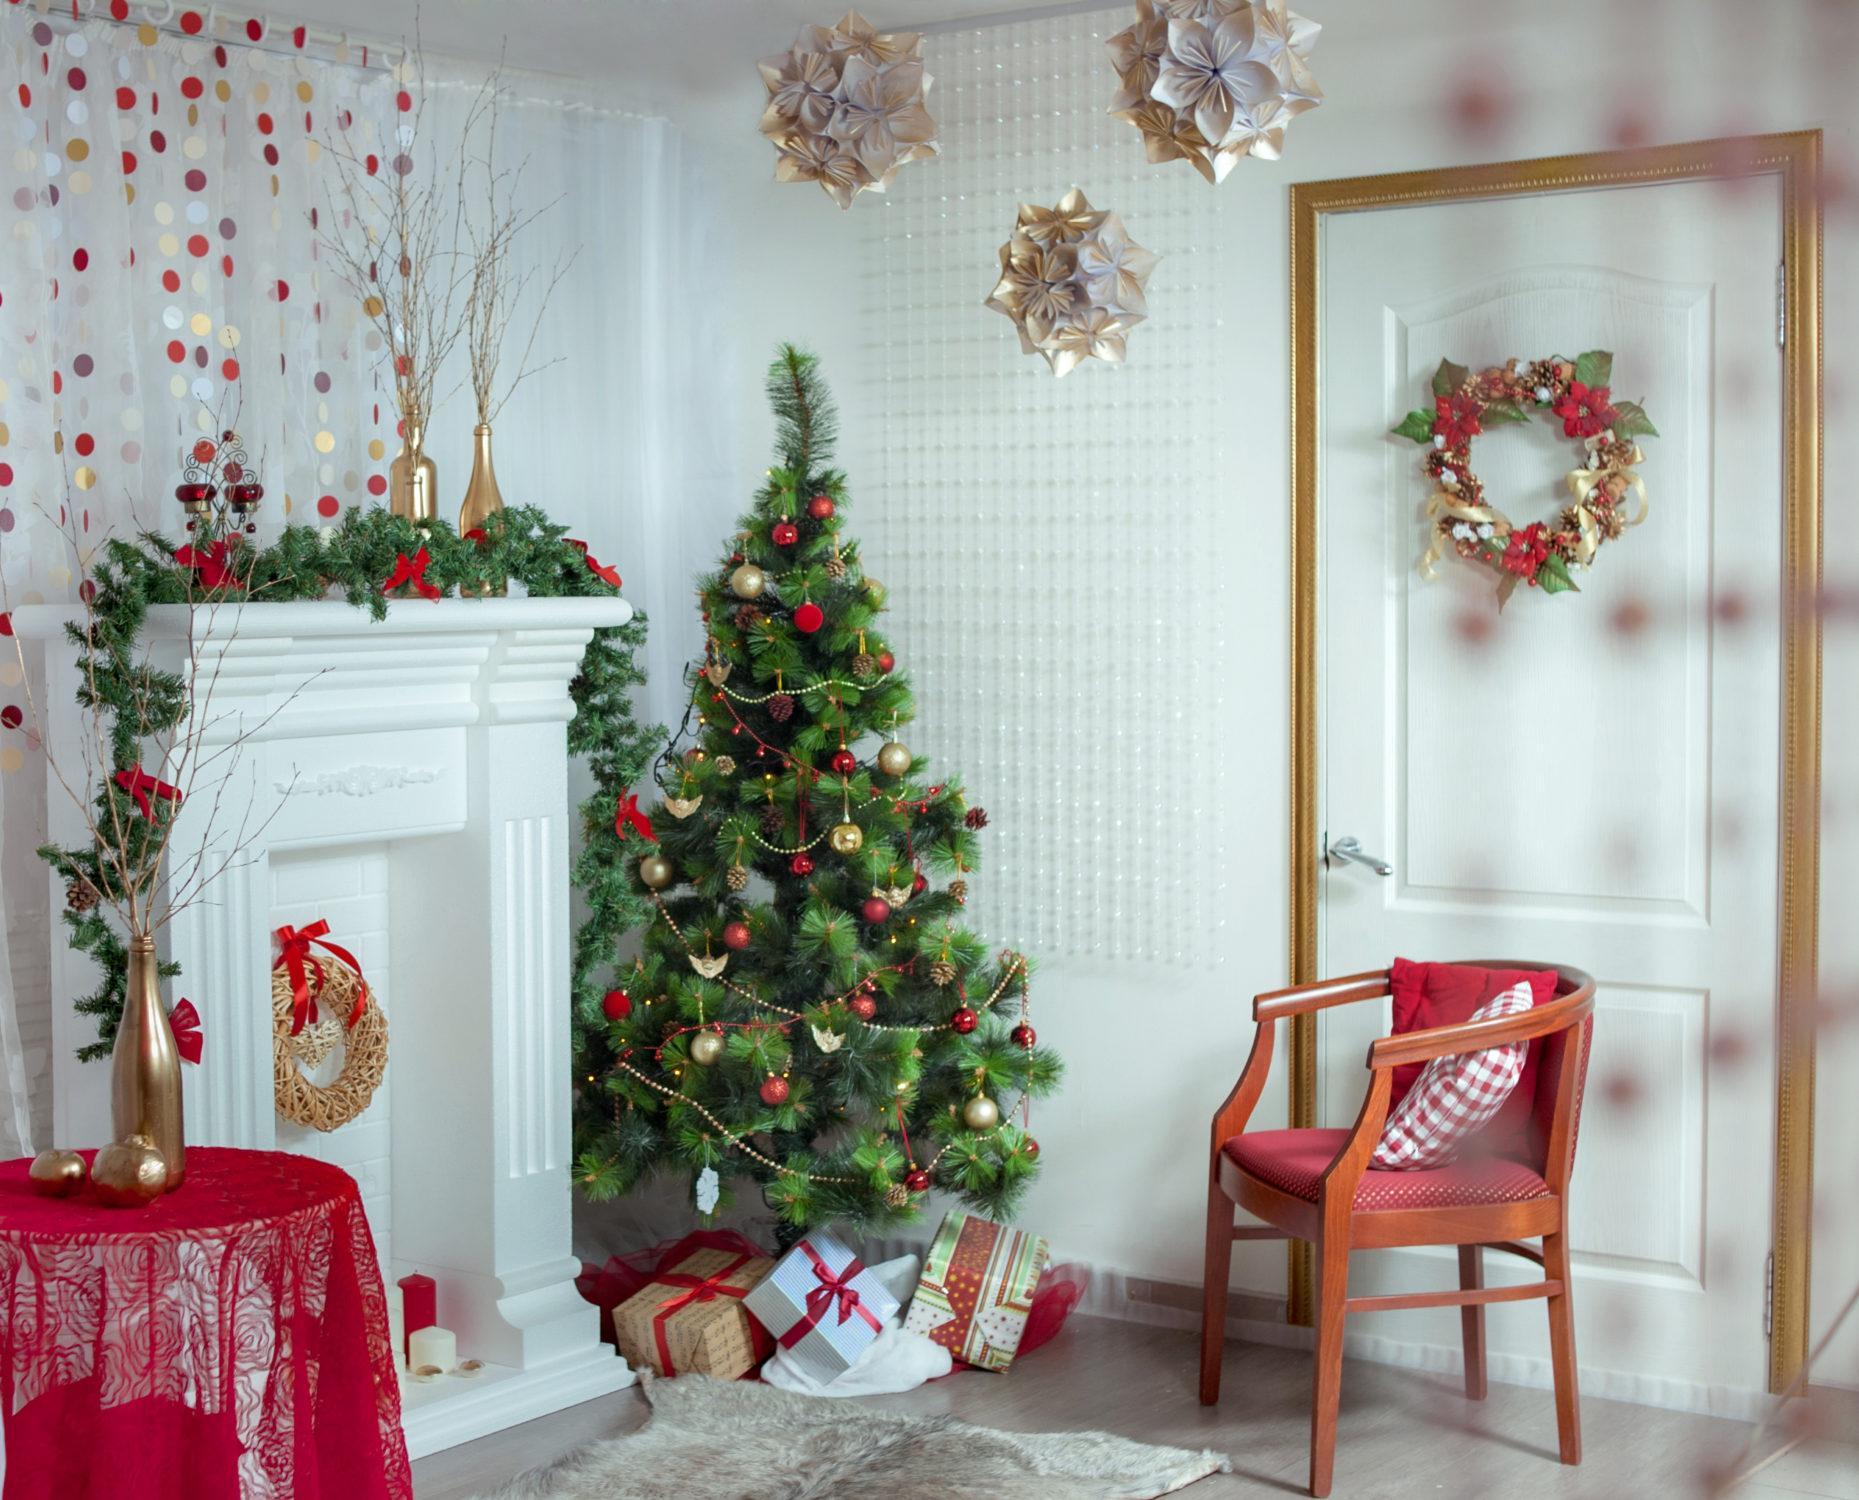 Как просто и стильно украсить дом к зимним праздникам? - Интерьер